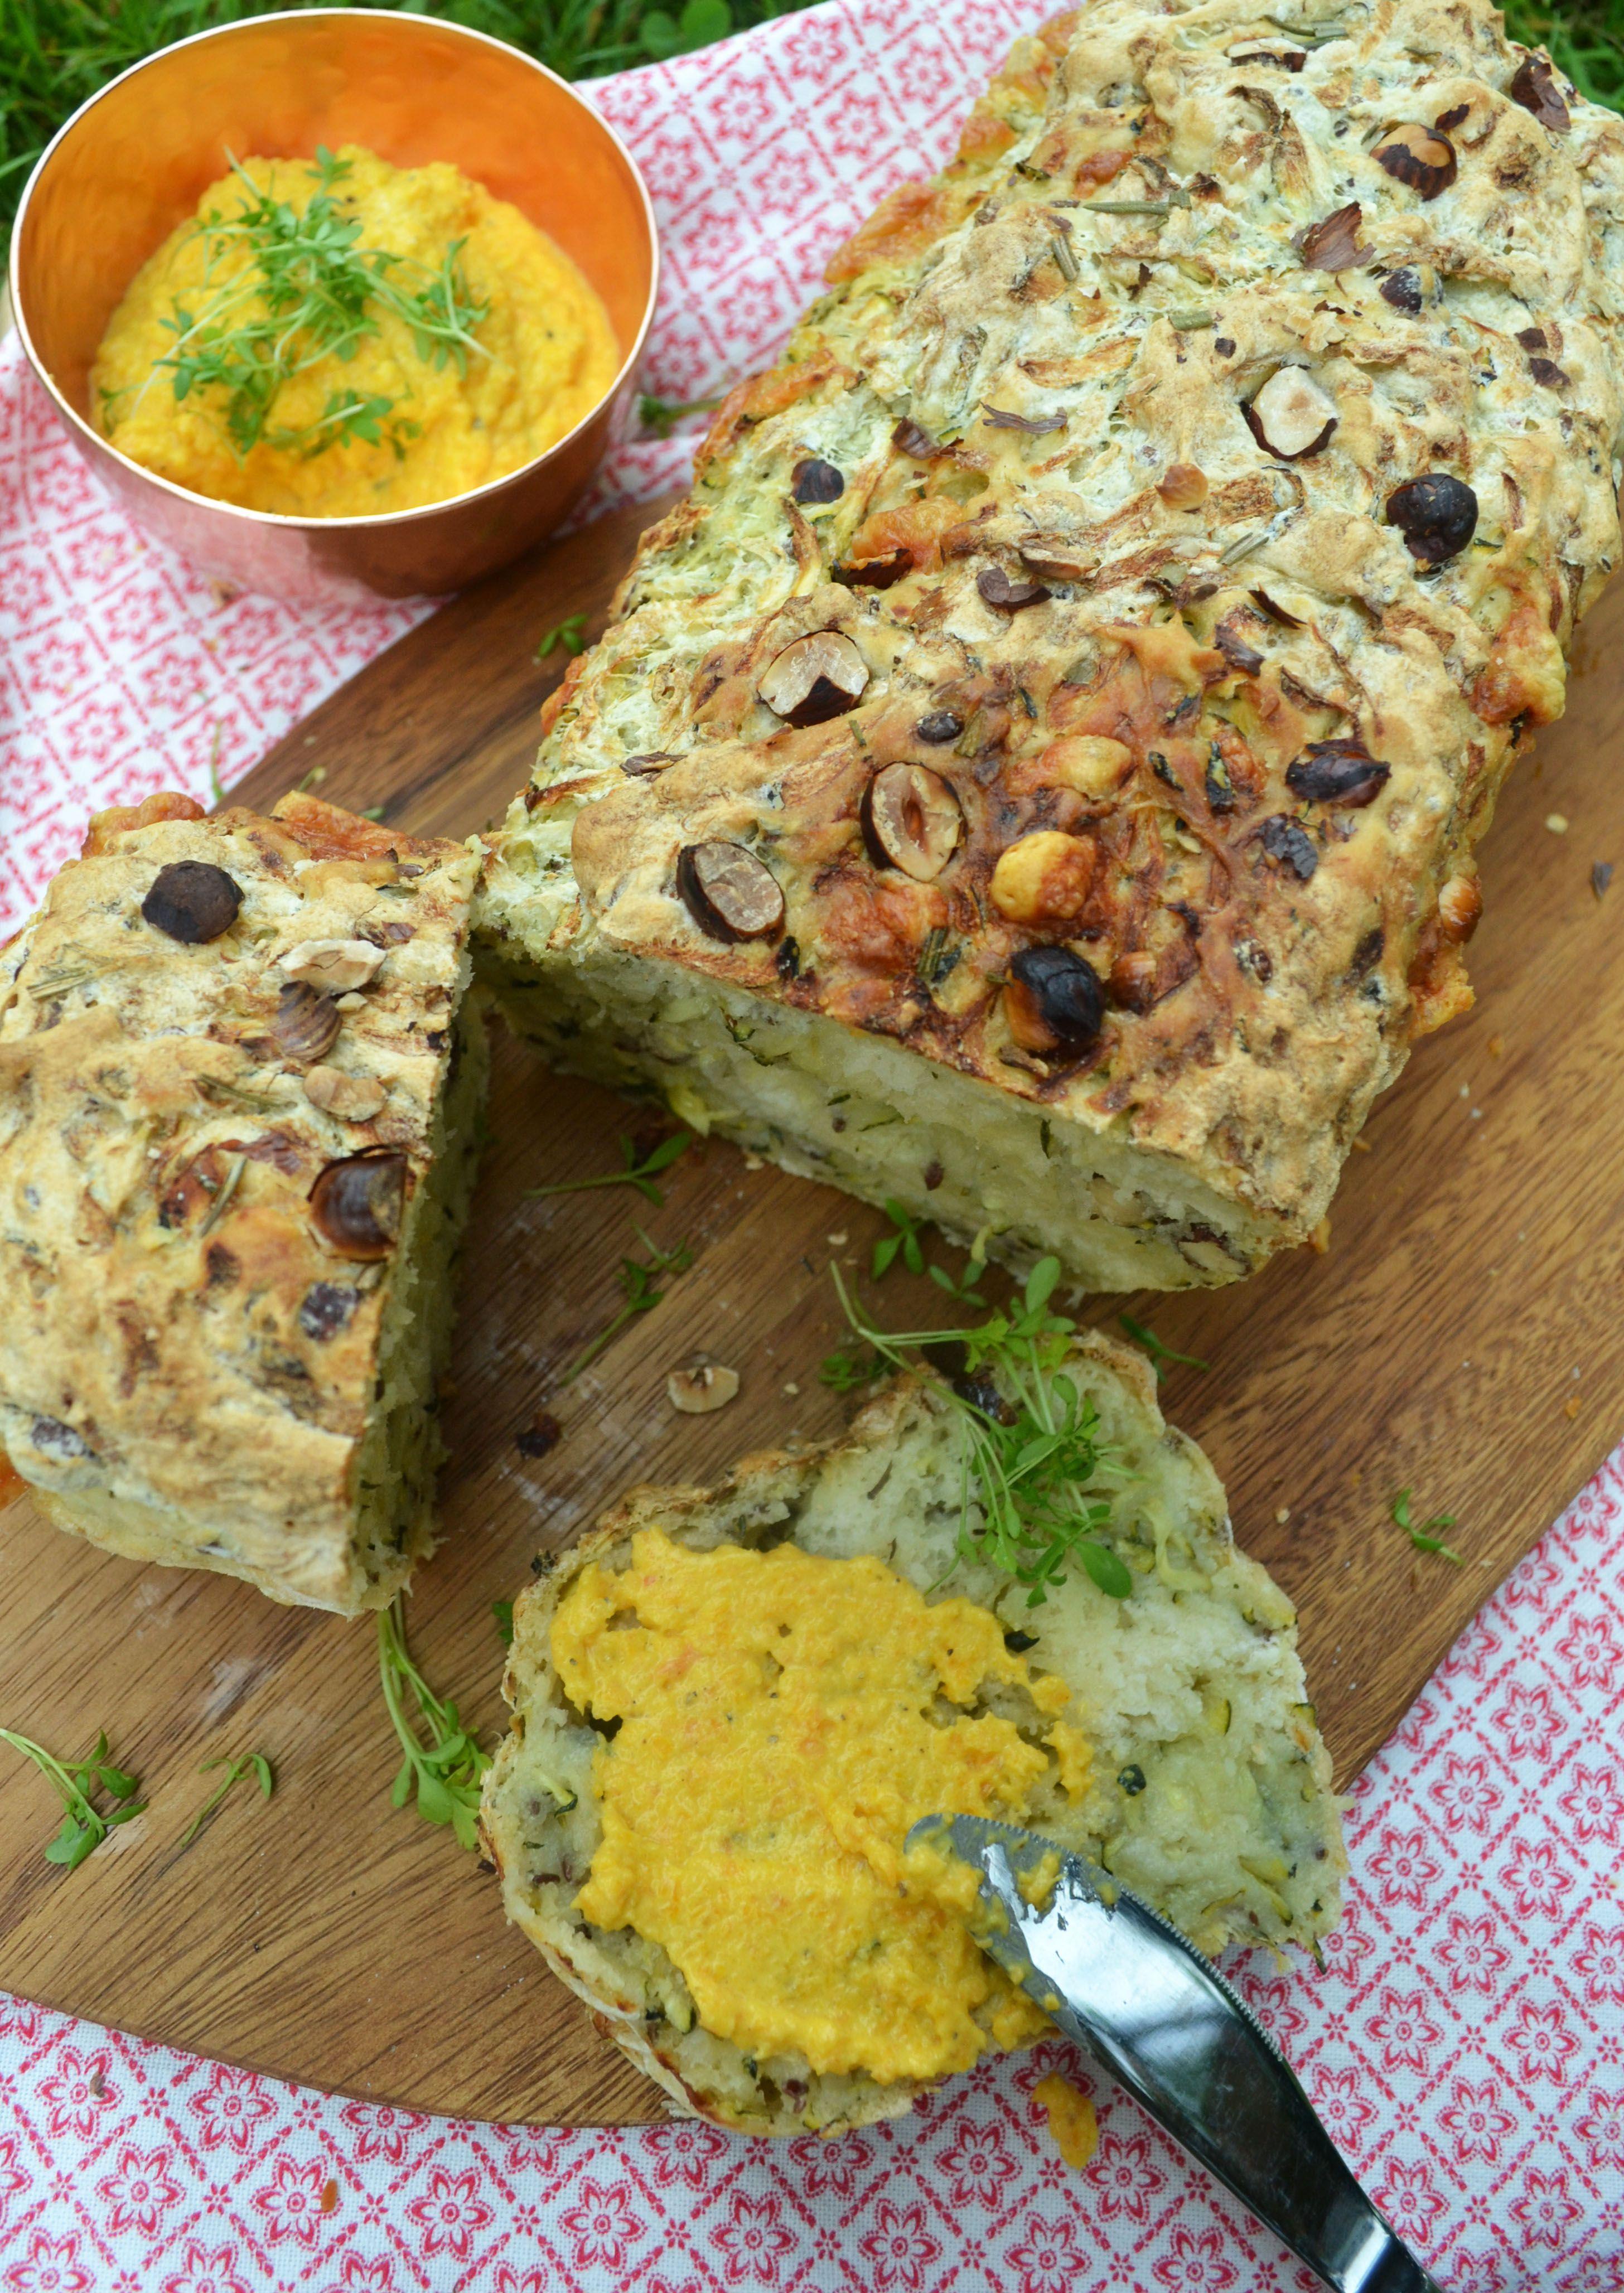 Zucchini Nuss Brot mit Karotten Ziegenkäse Dip